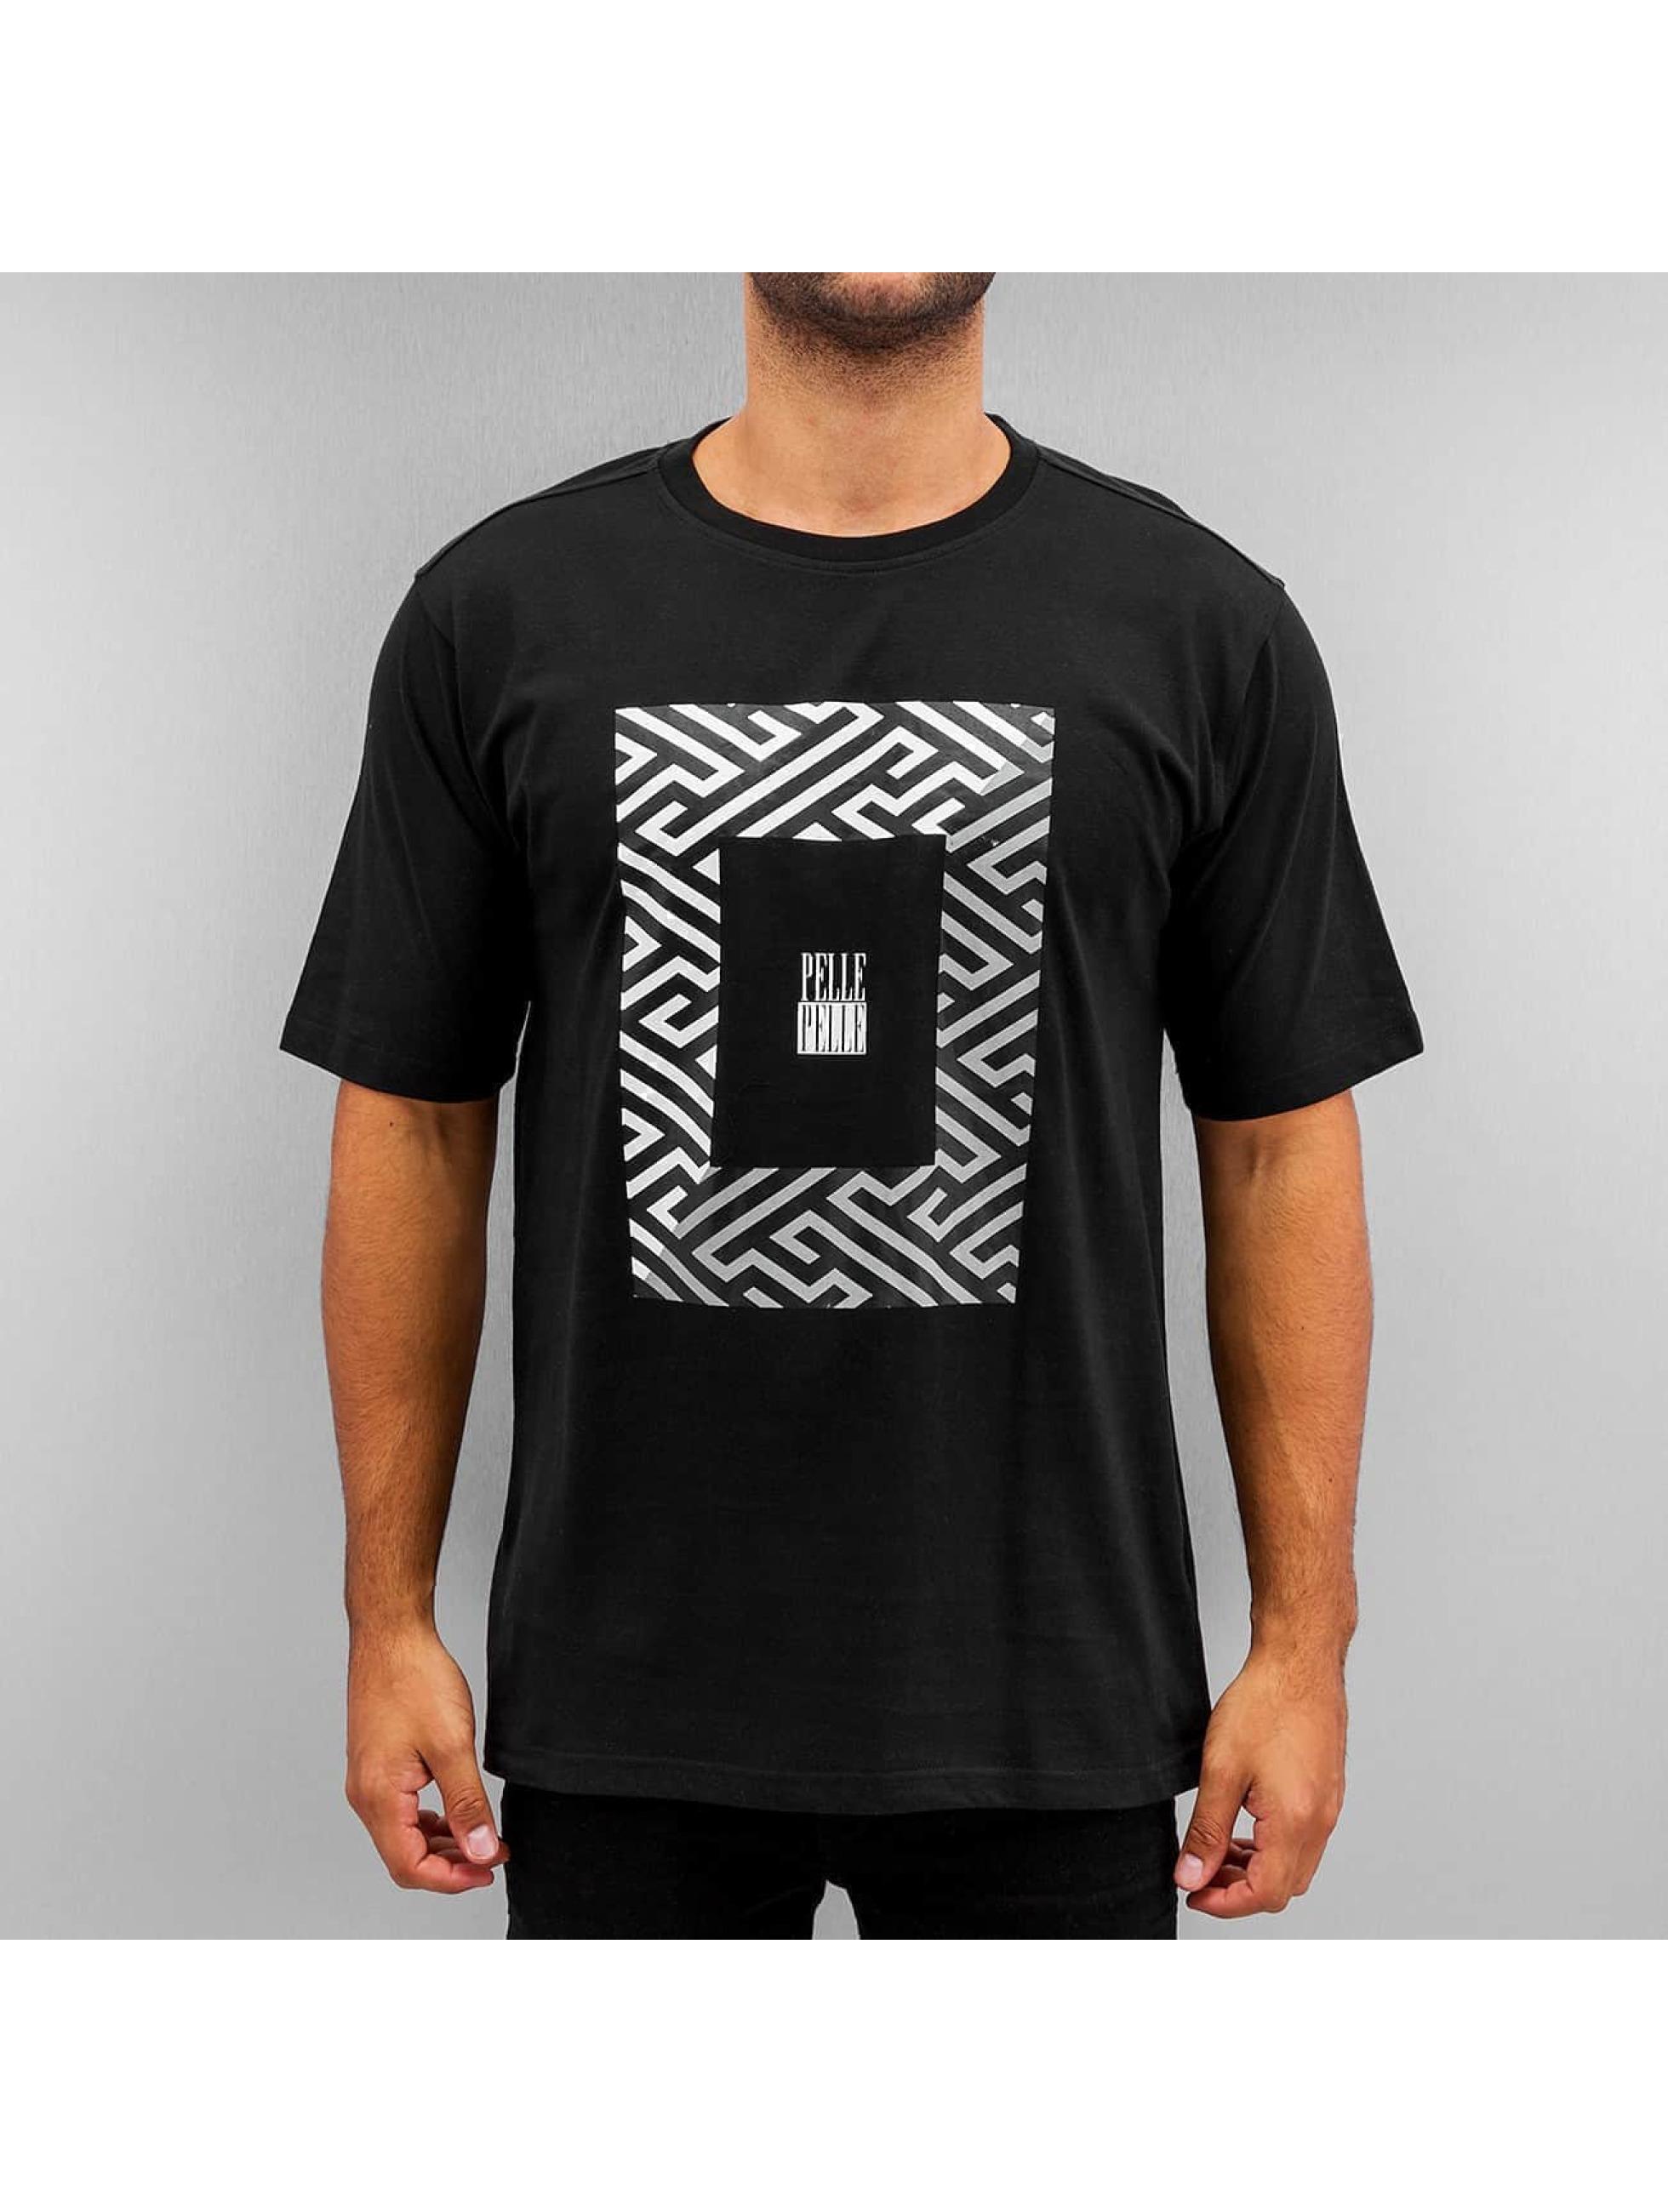 Pelle Pelle t-shirt Dark Maze zwart